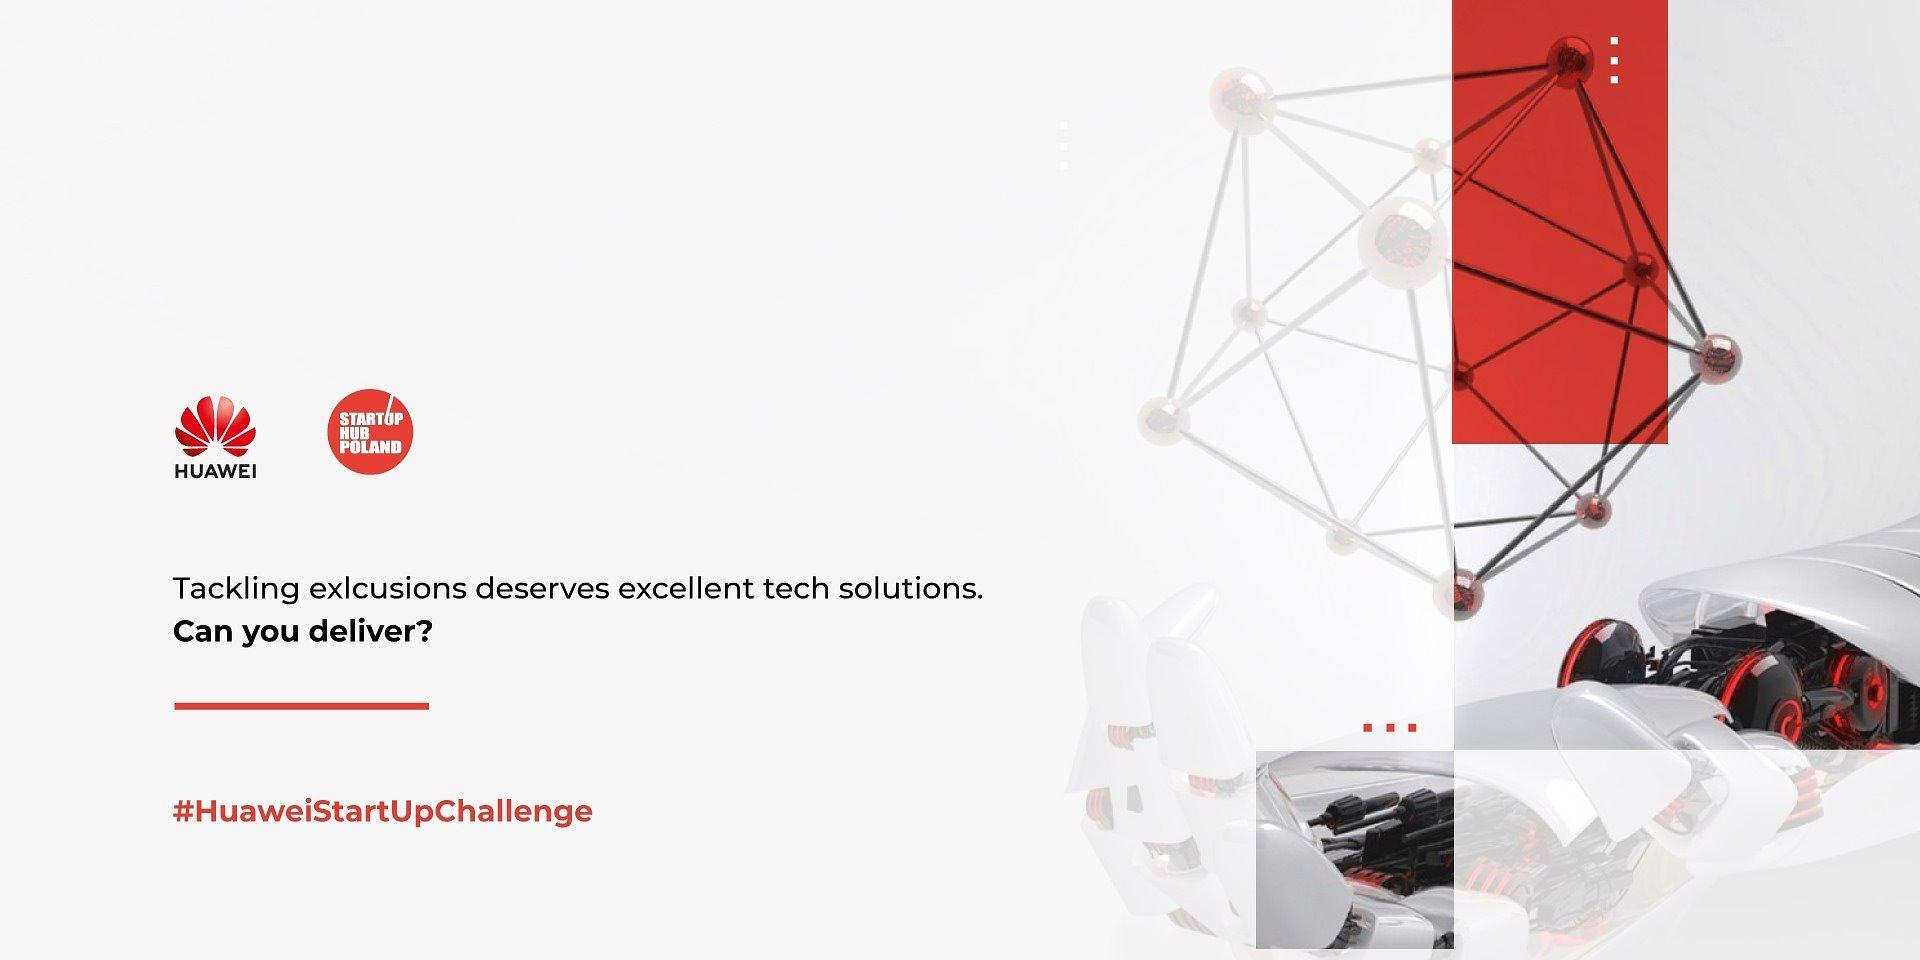 Odpowiedzialne społecznie startupy poszukiwane! Rusza nabór do #HuaweiStartupChallenge